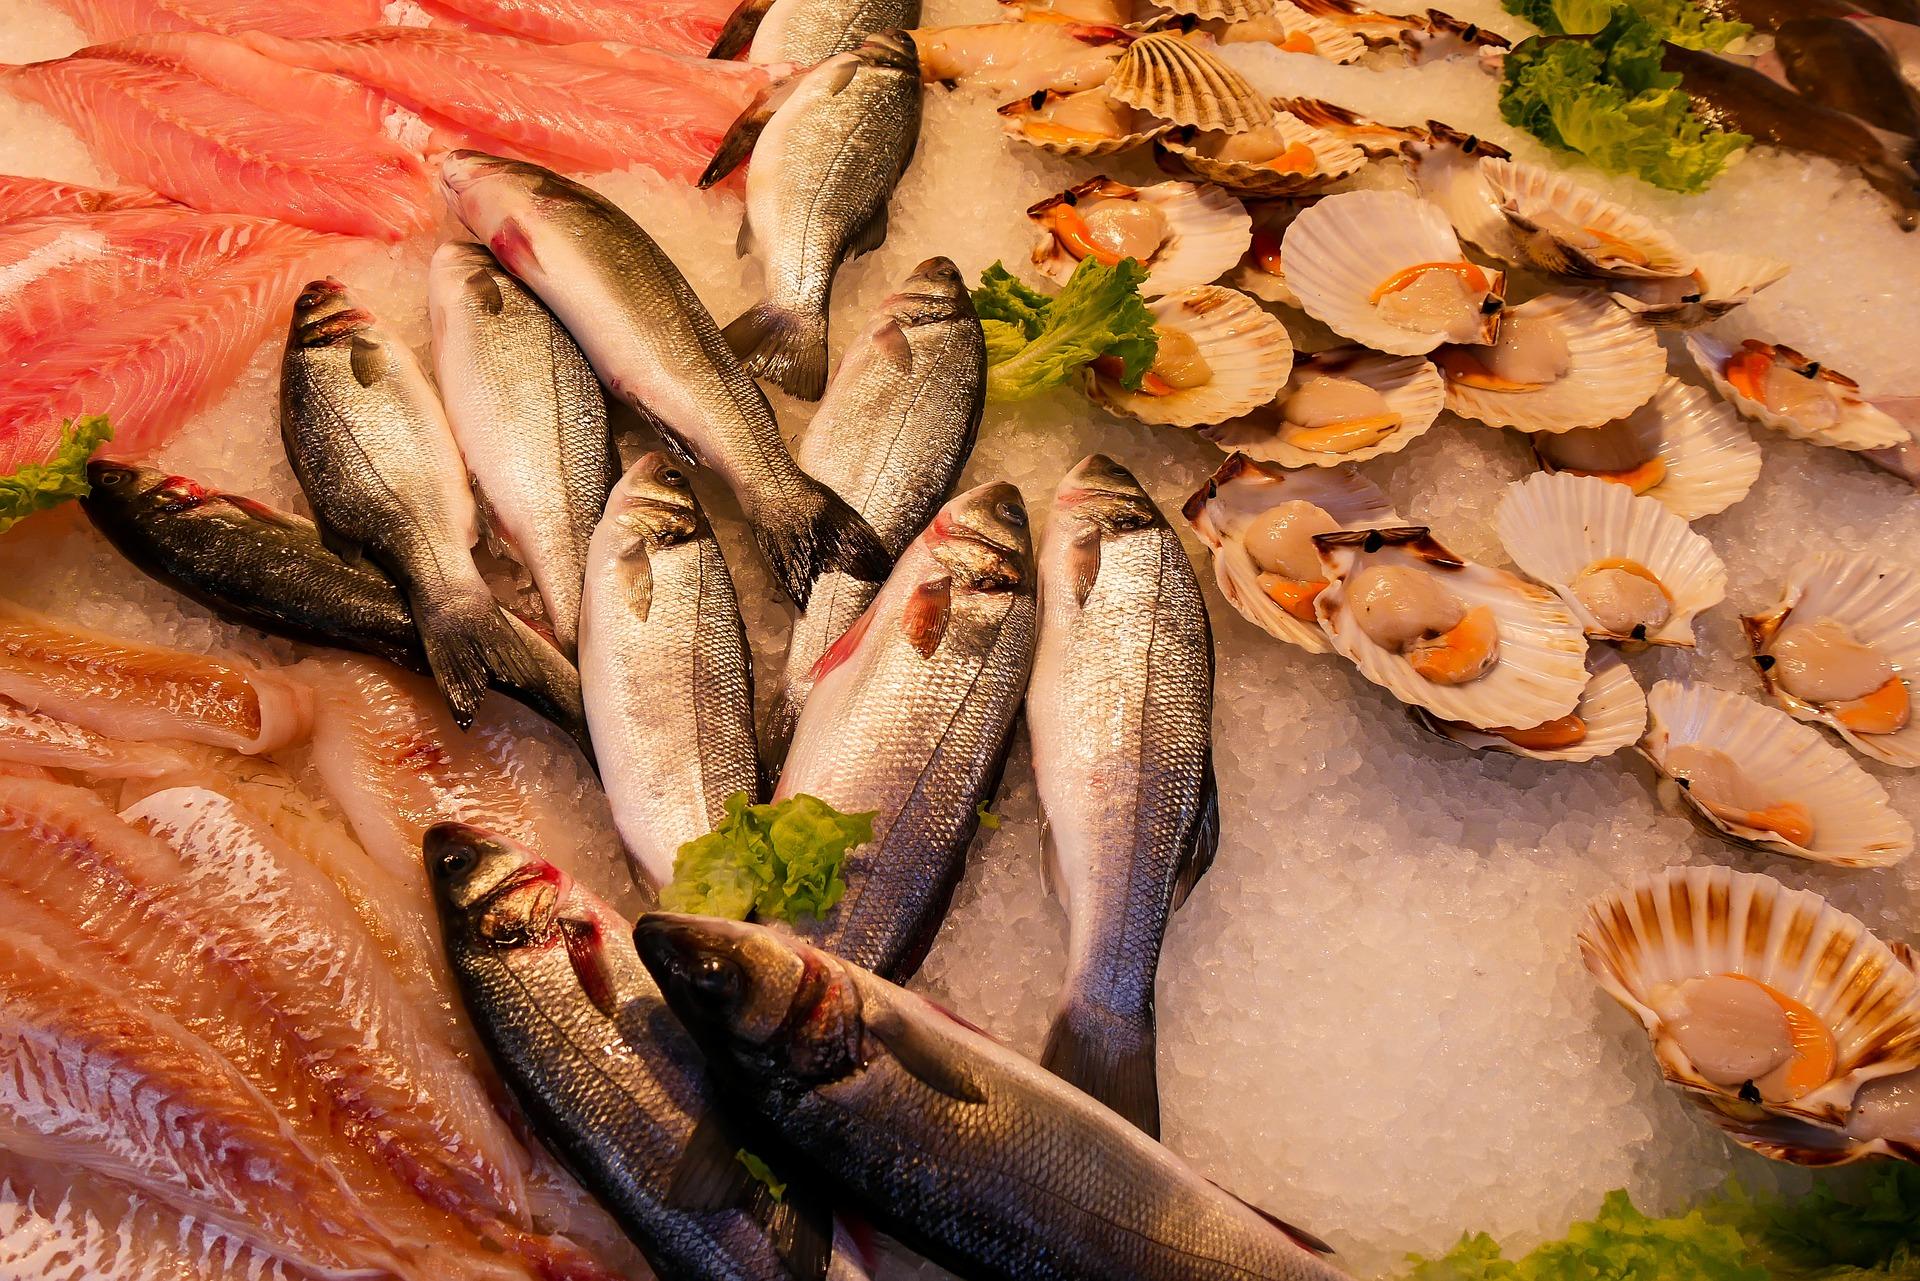 いわき・ら・ら・ミュウは新鮮魚介類だけではなく遊べる施設もたくさん